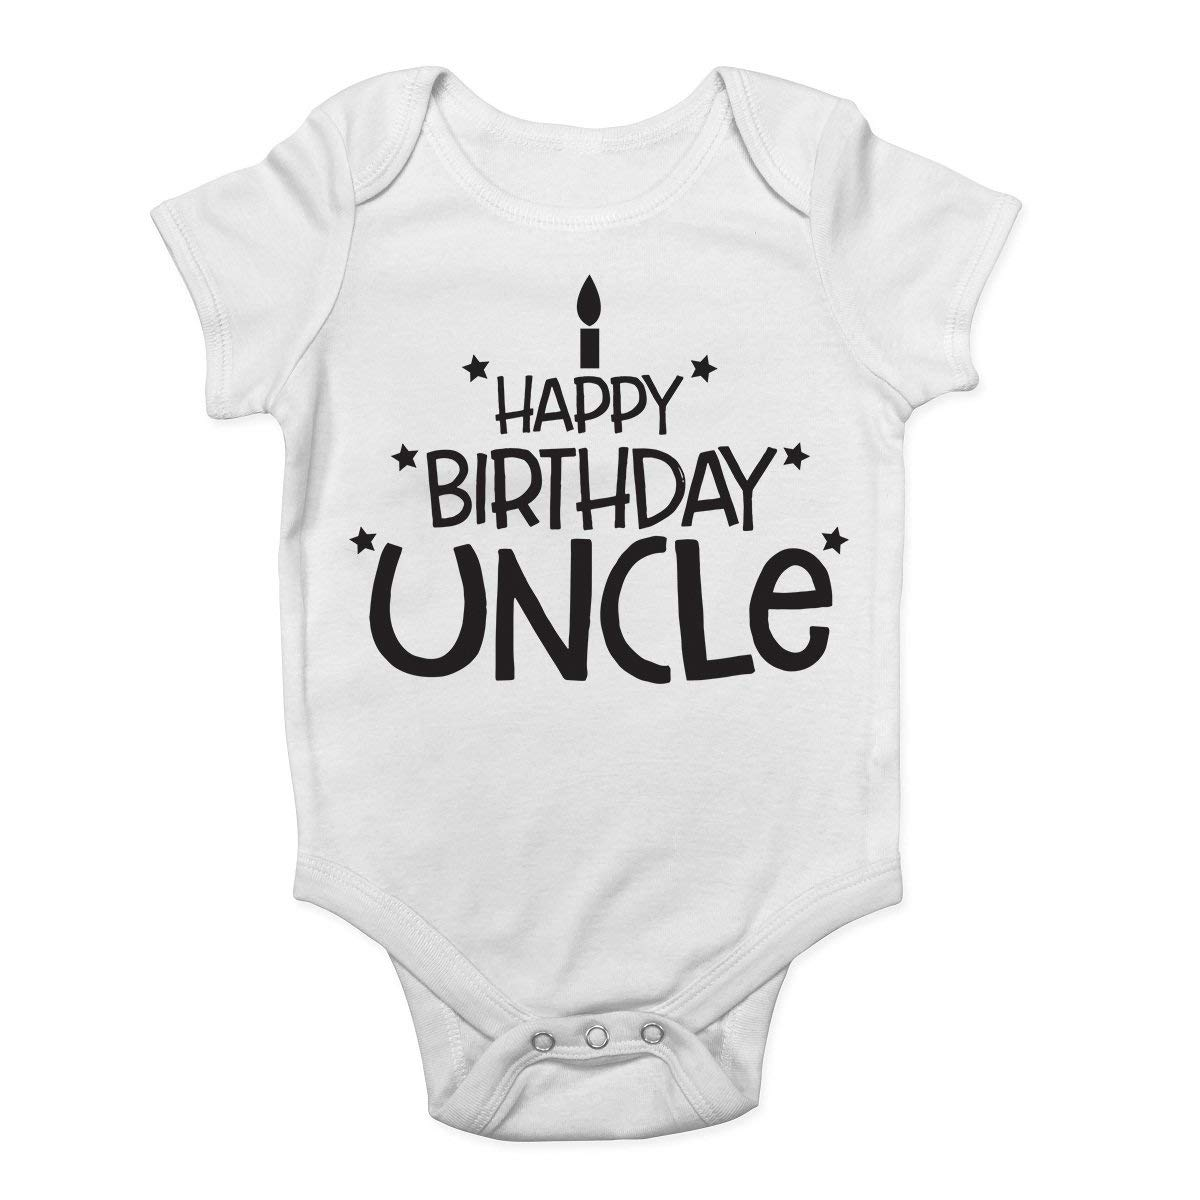 Freedom45457 Happy Birthday Uncle Funny Baby Onesies Unisex Vest Bodysuit